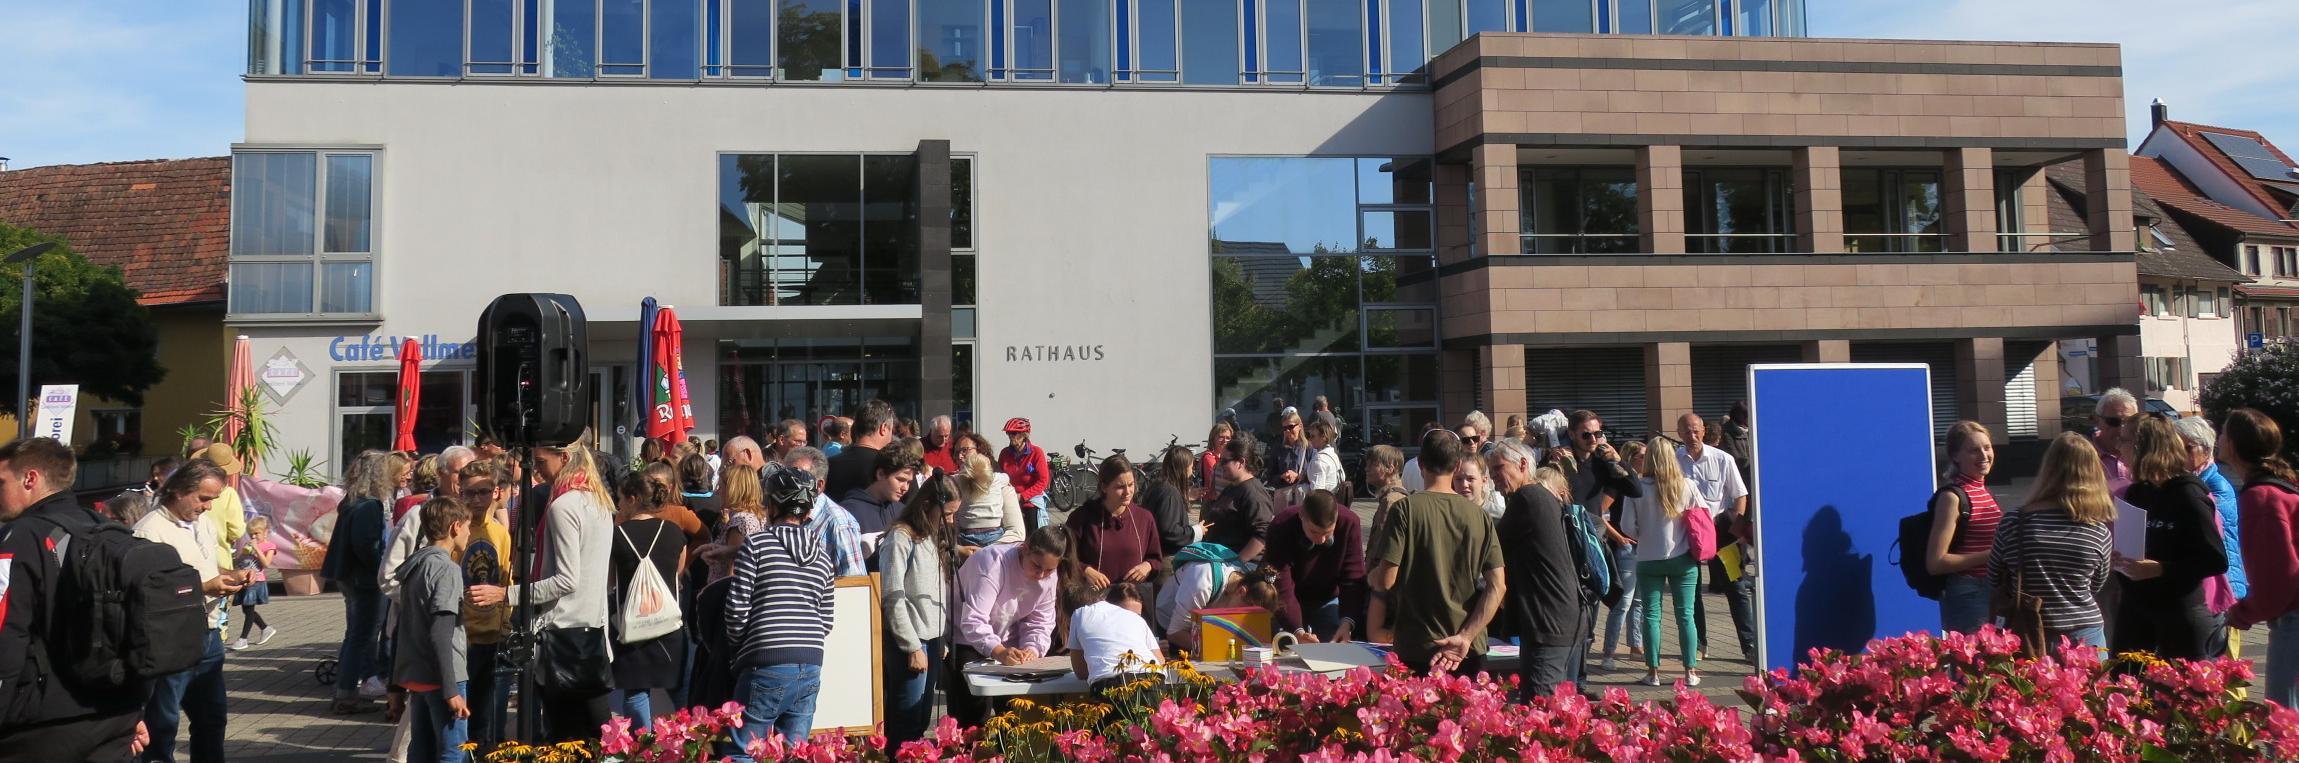 """Unser nächstes öffentliches Netzwerktreffen: Freitag, 6.12.19, 17 Uhr im Restaurant \""""Da Rosario\"""" in Kuppenheim"""